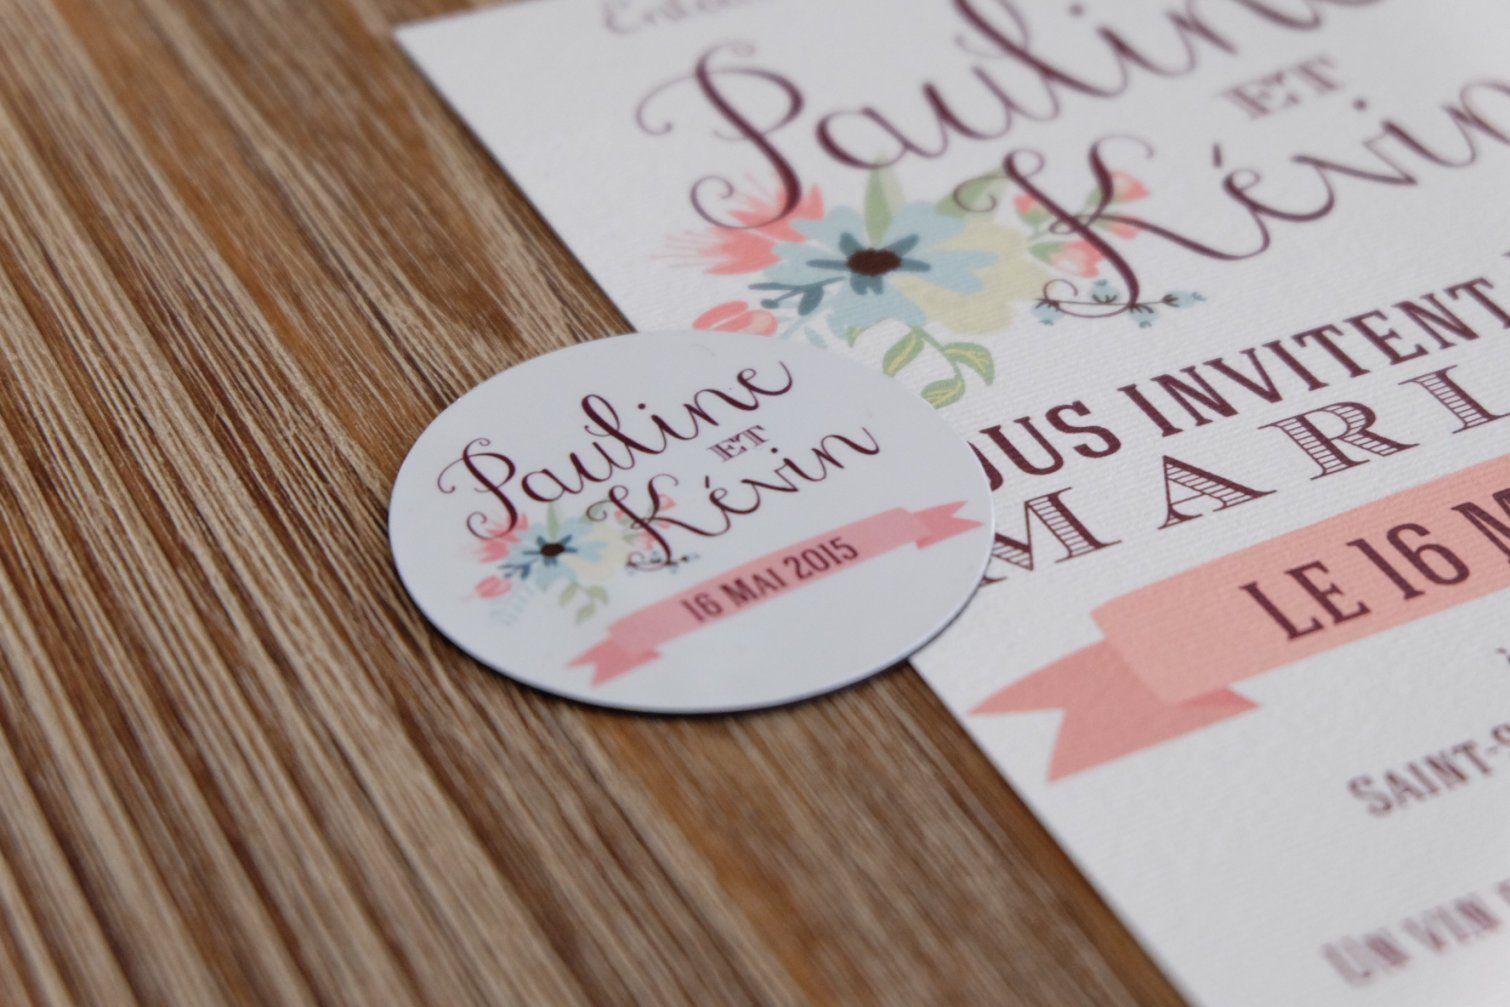 Unieke En Praktische Uitnodigingen Voor Je Bruiloft von Save The Date Originell Bild